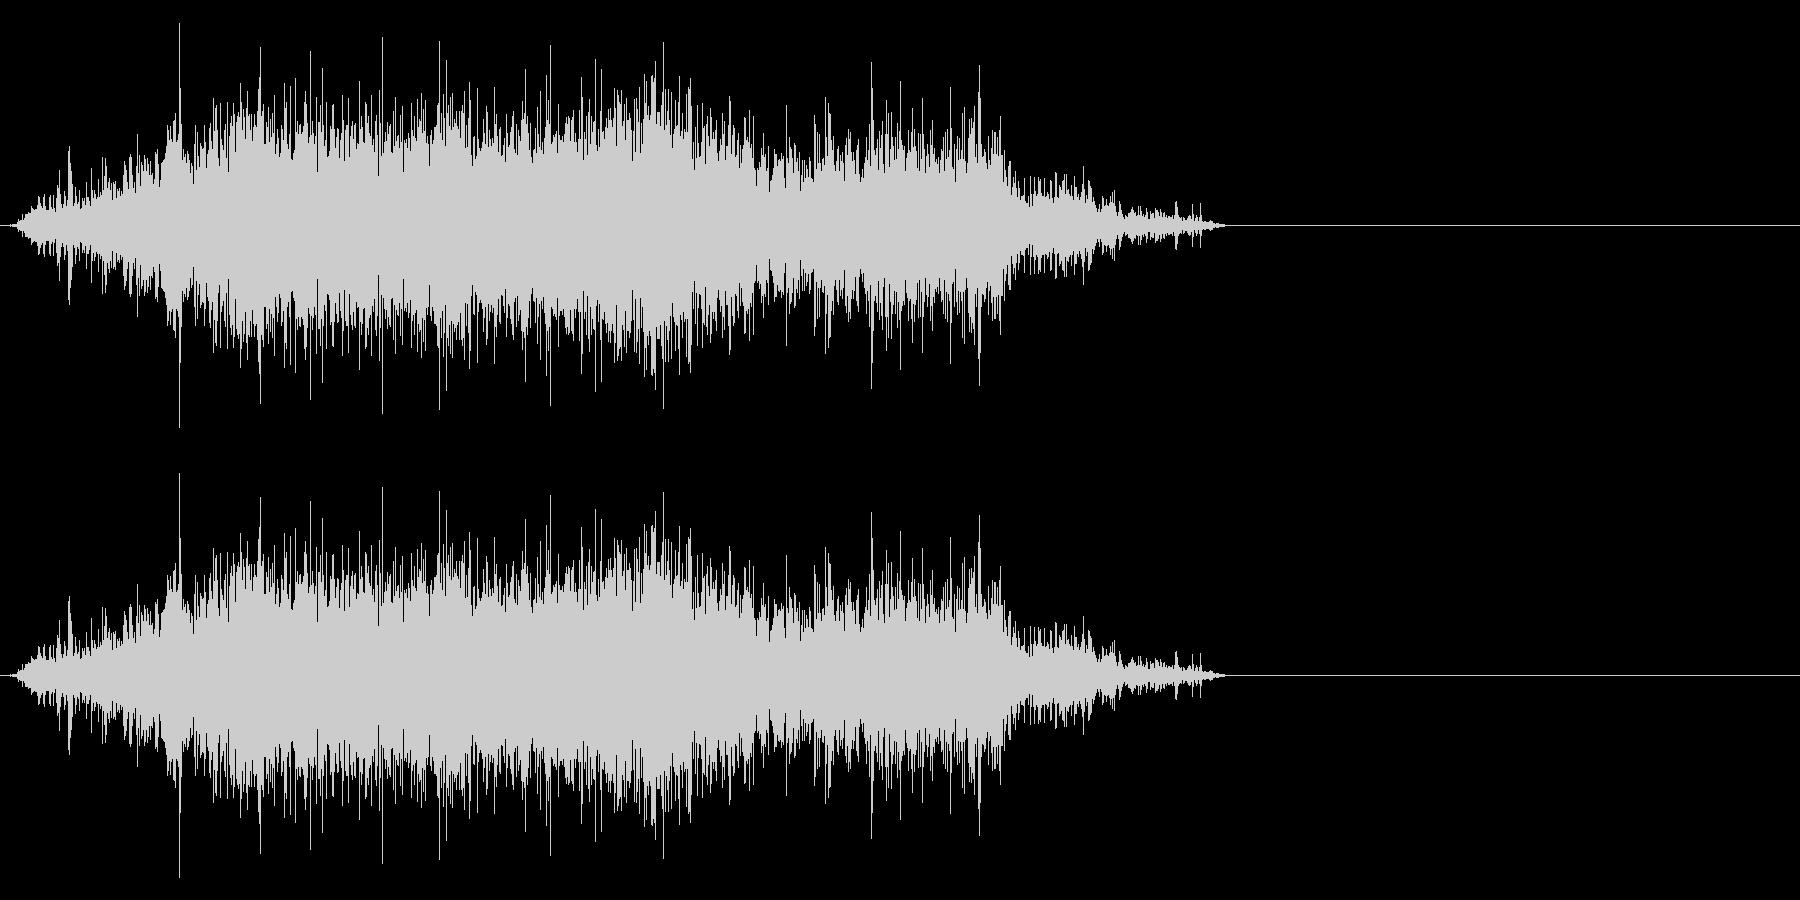 袋・コンビニ、レジ袋2の未再生の波形